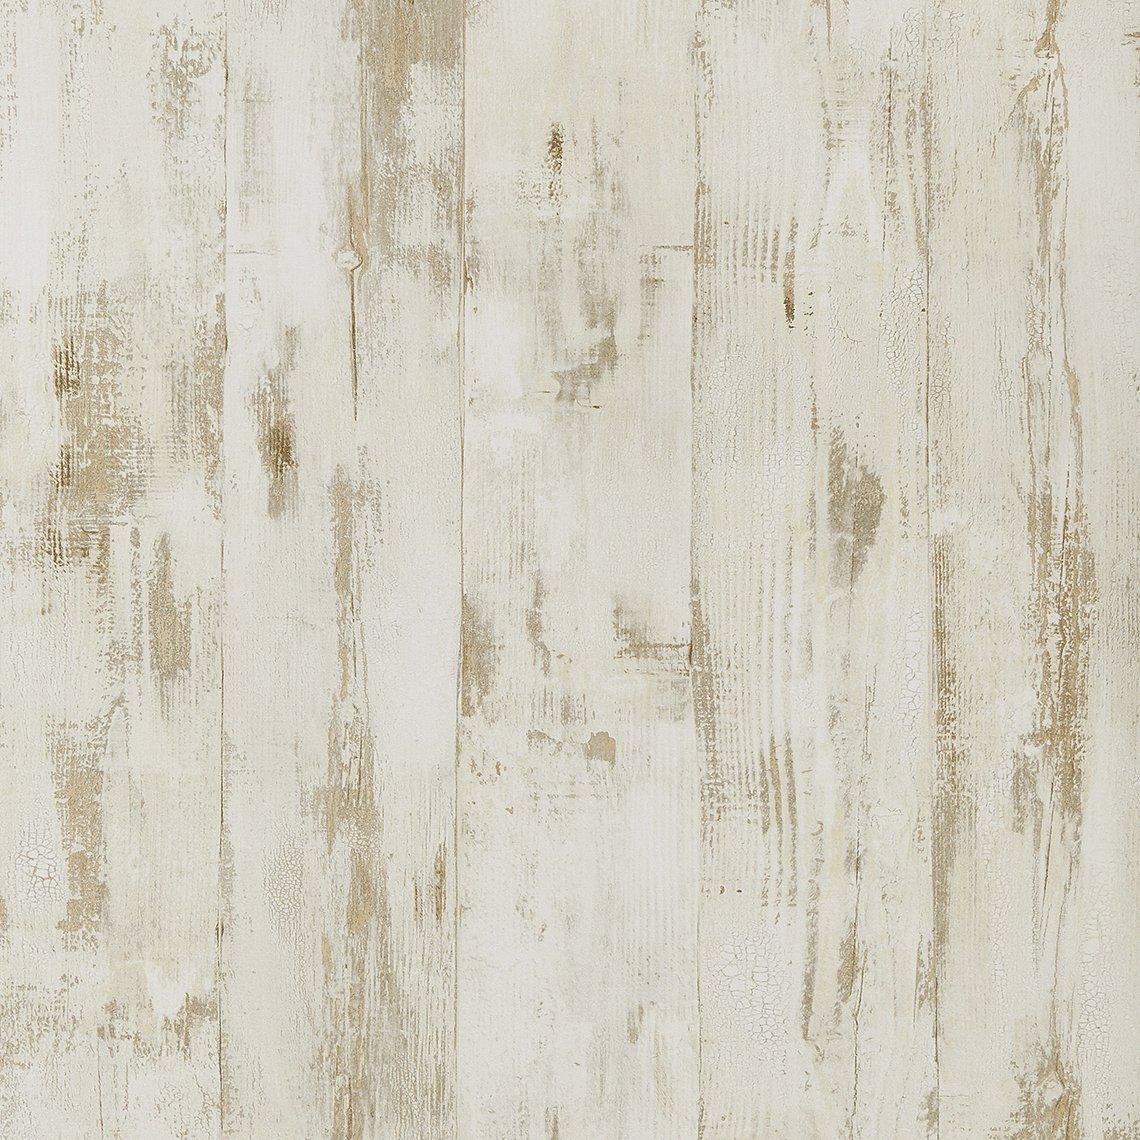 papier peint bois clair